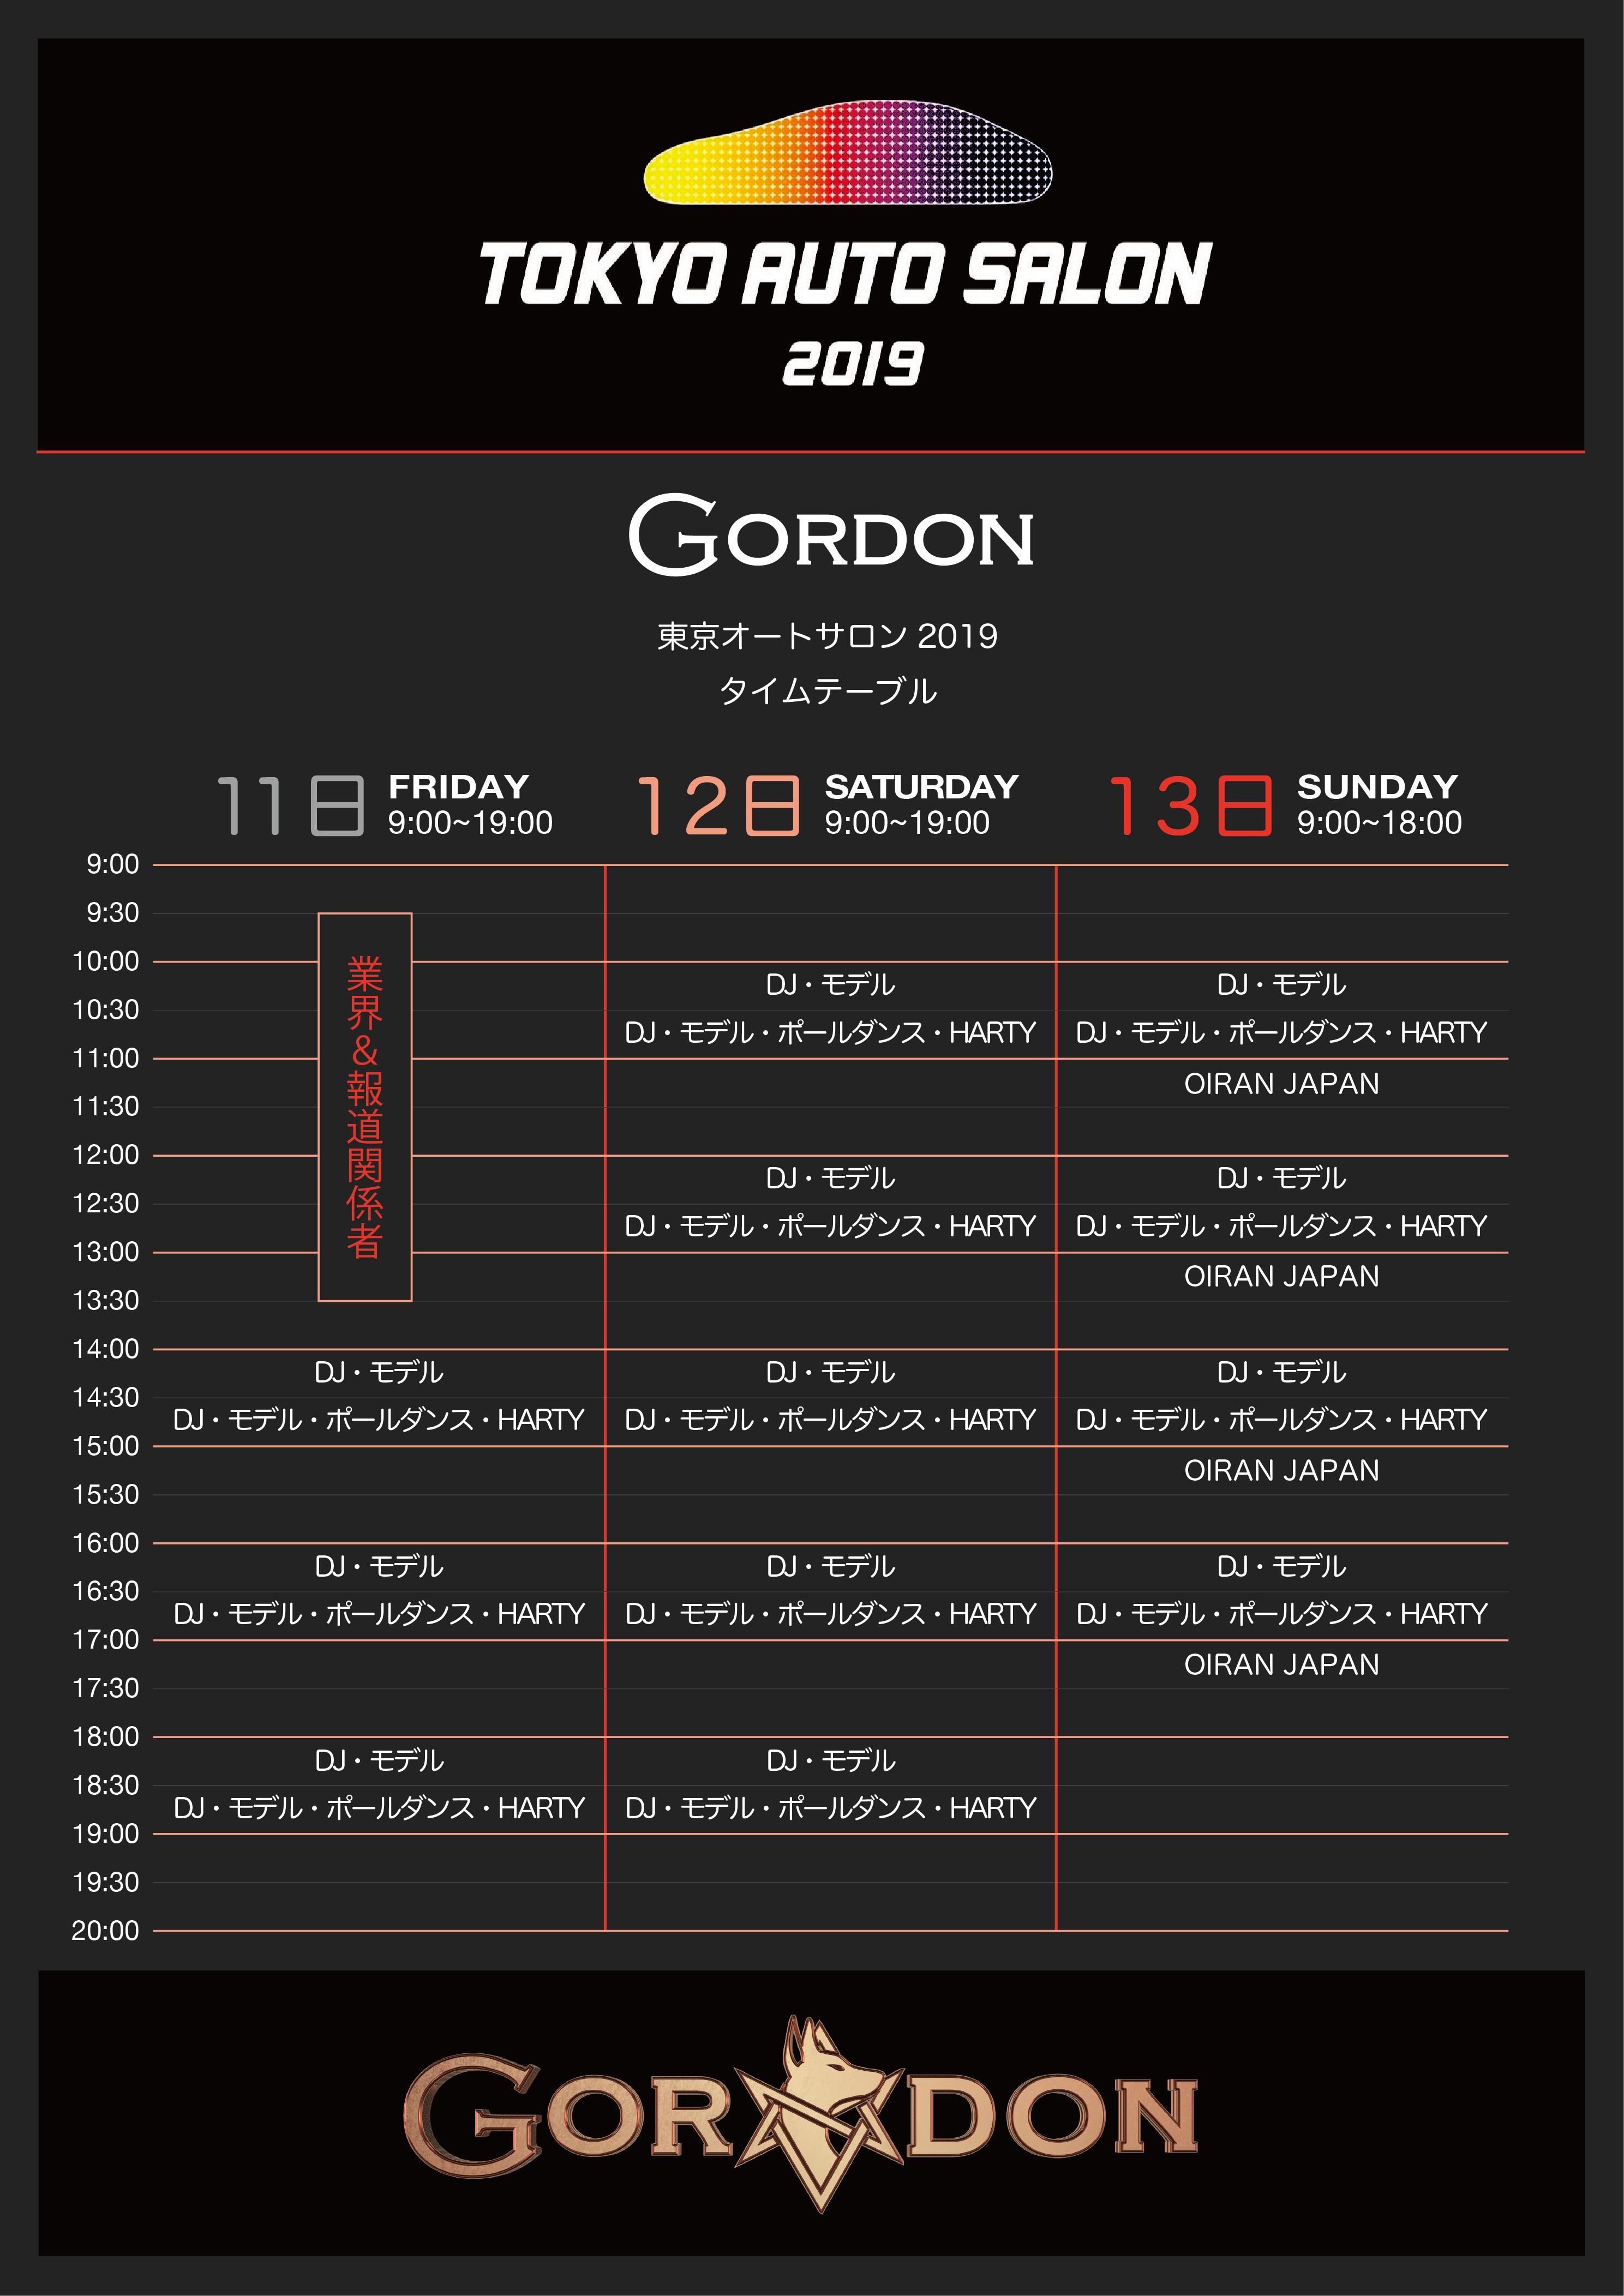 GORDON トライク 東京オートサロン タイムテーブル